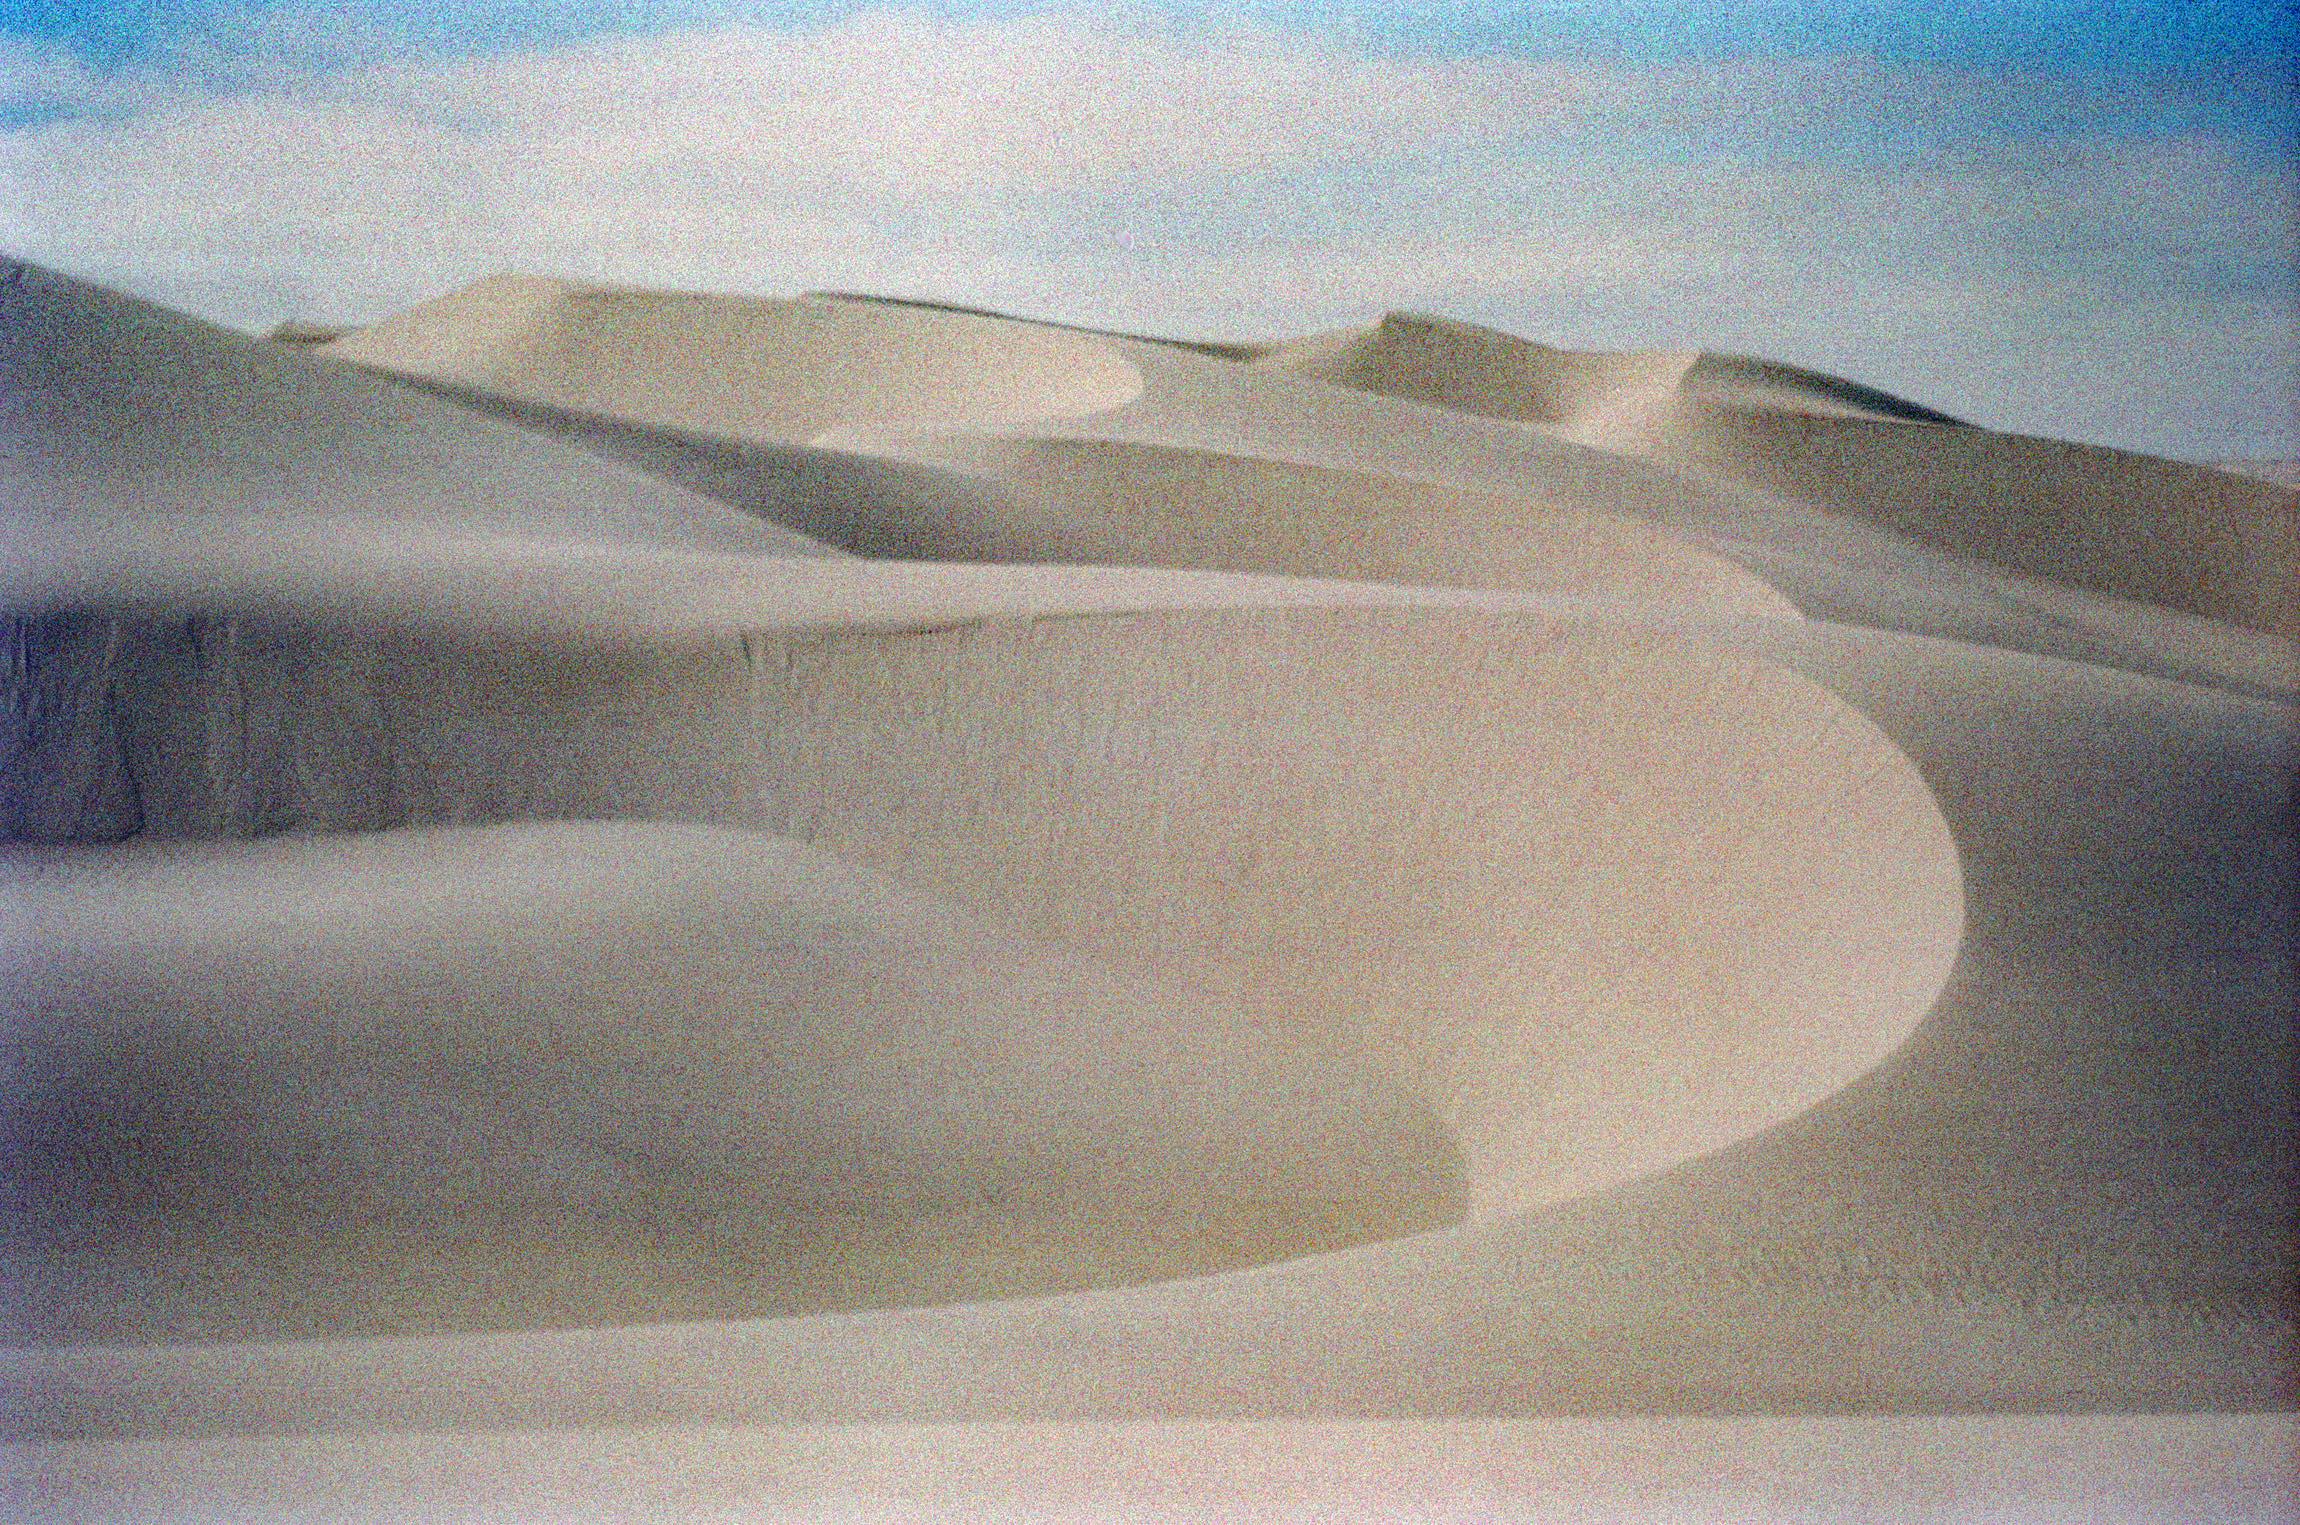 21438_MTU_Namibia_047-15.jpg